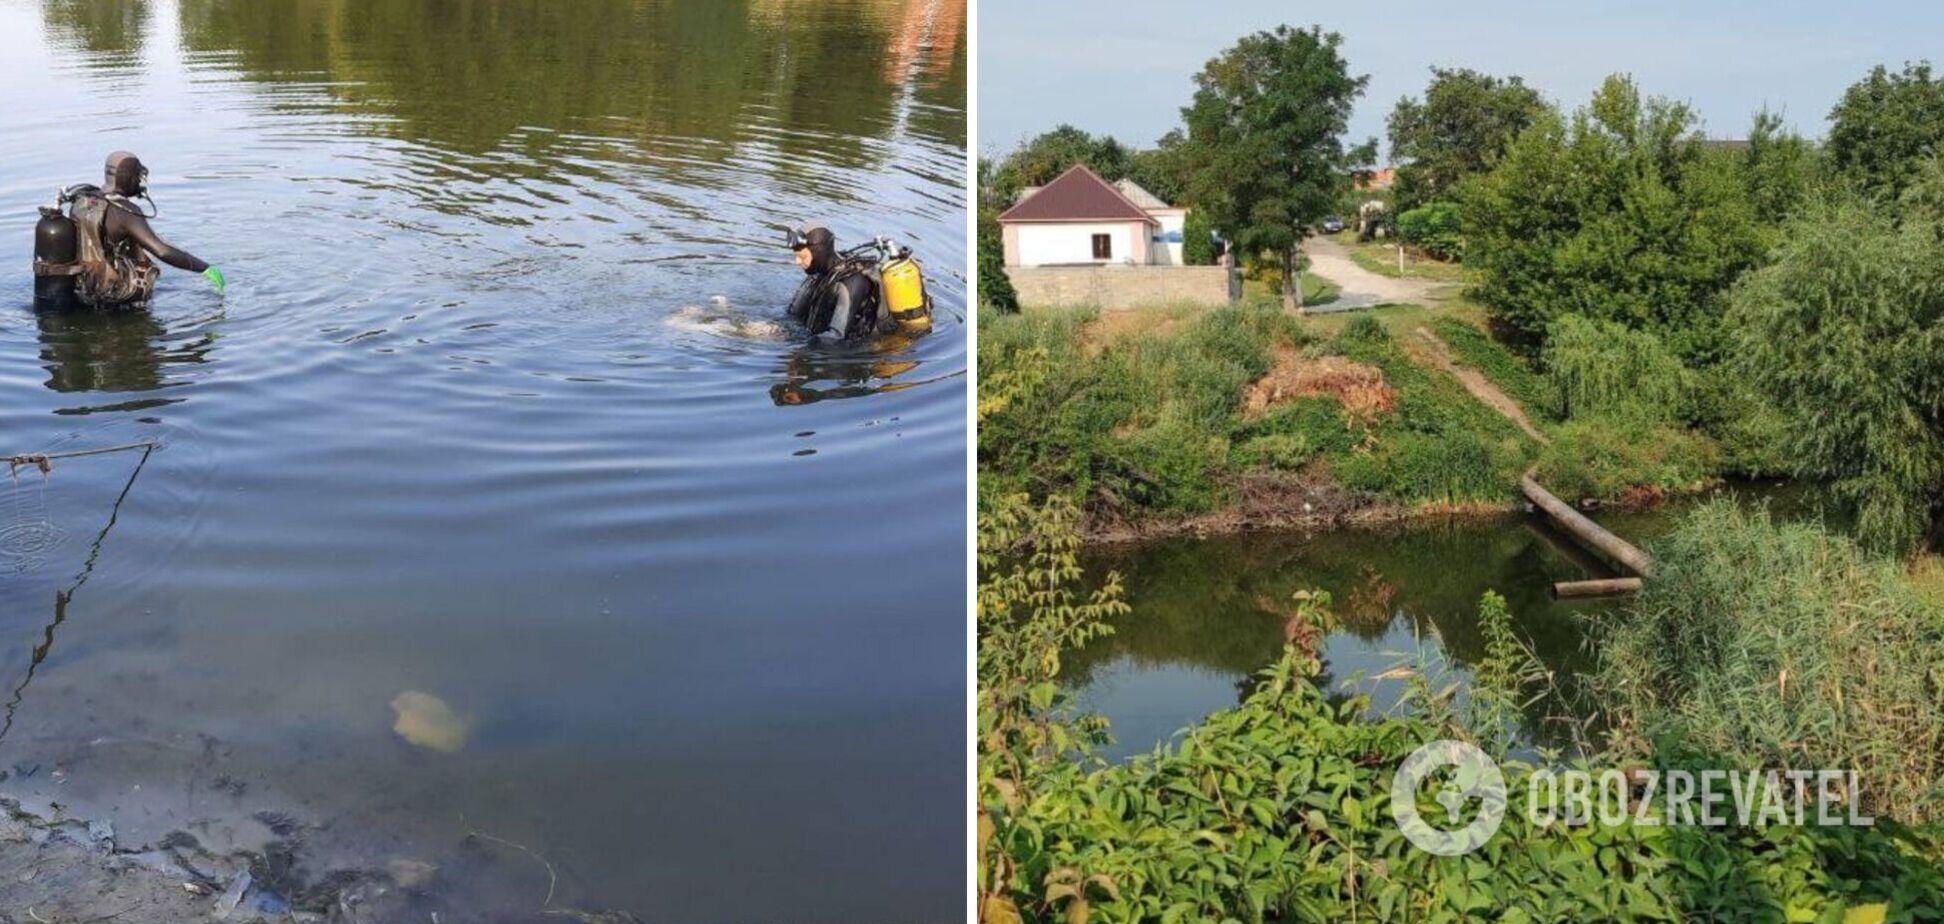 У Харкові знайшли мертвим зниклого 12-річного хлопчика. Фото та деталі трагедії